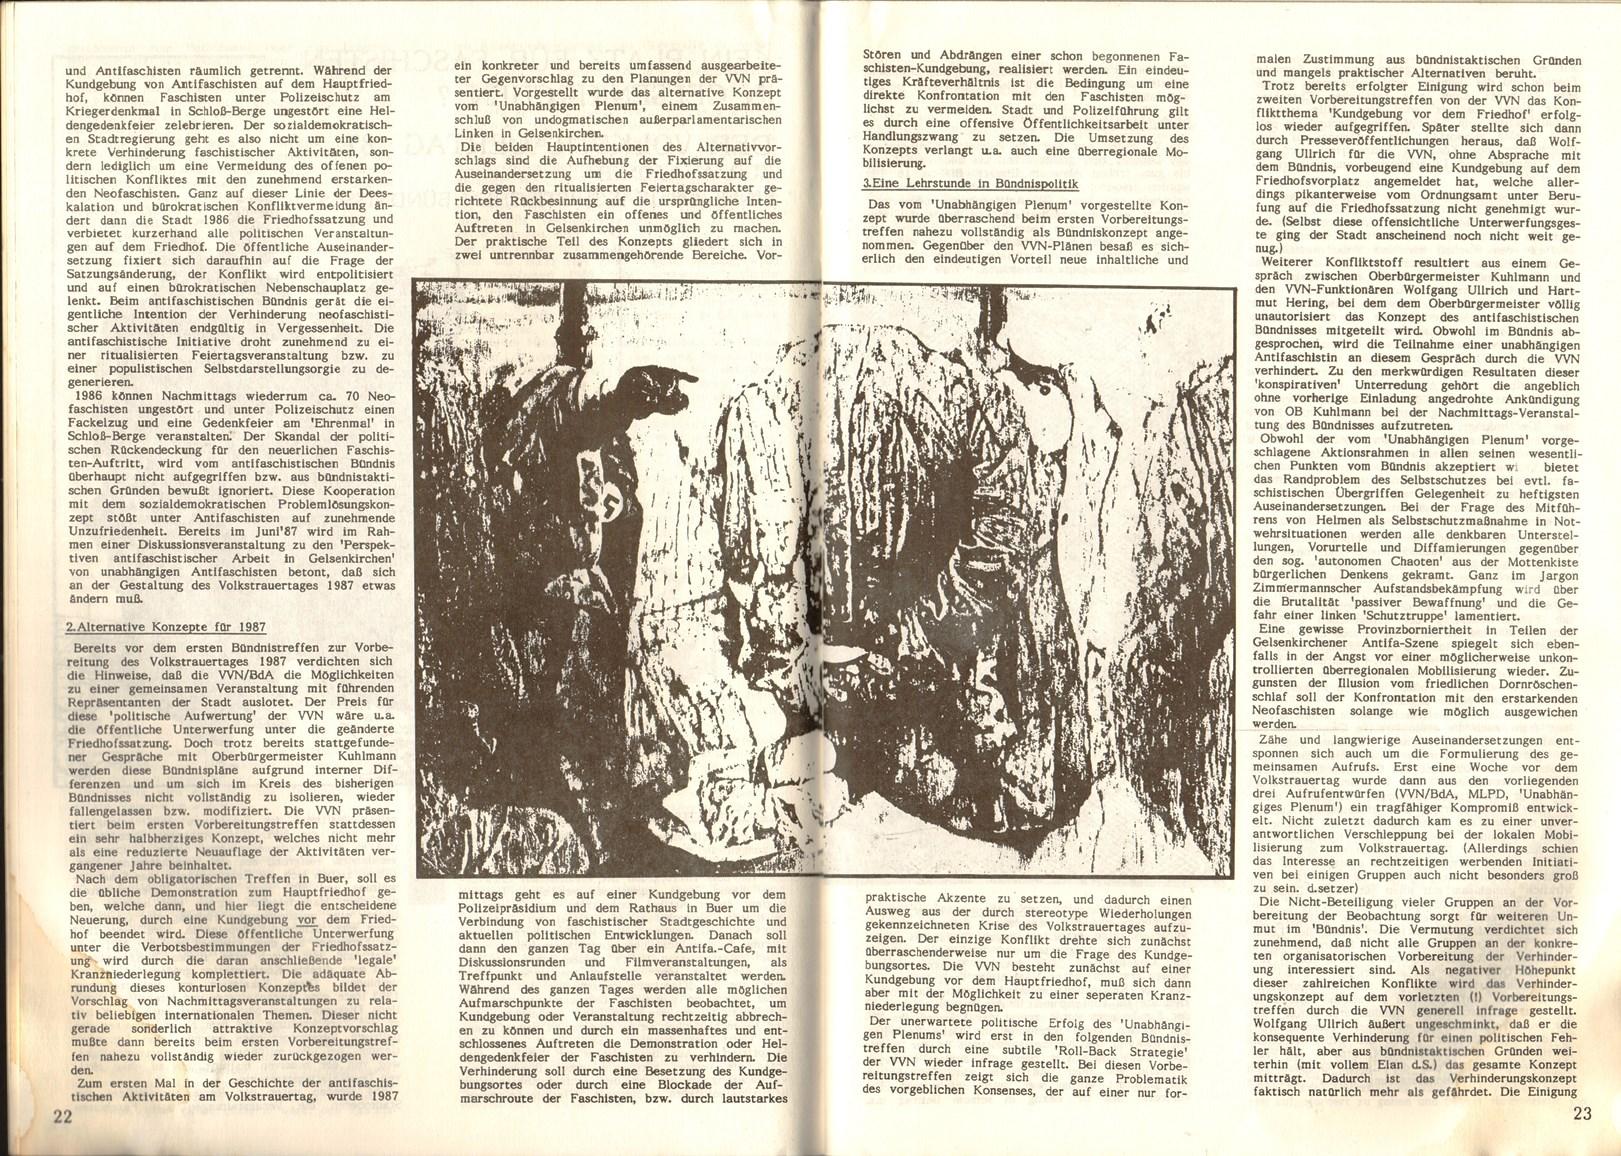 Gelsenkirchen_Zukunft_Vergangenheit_1988_12